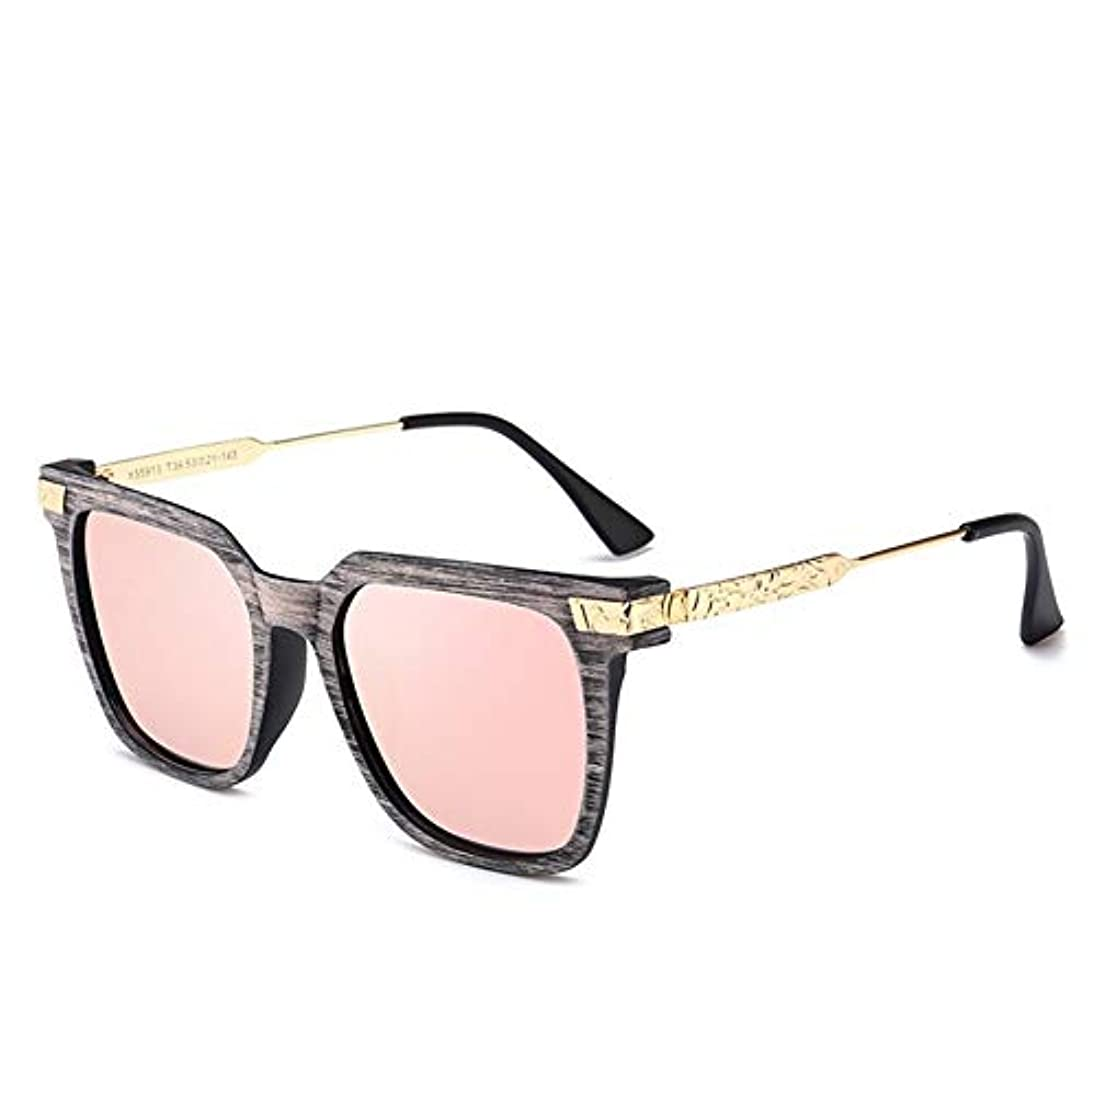 有望リア王適用するQ AI NI ストリートファッションサングラス偏光ミラーメンズとレディースブルー、ピンク、パープル 毎日の旅行用サングラス (Color : C3 powder)